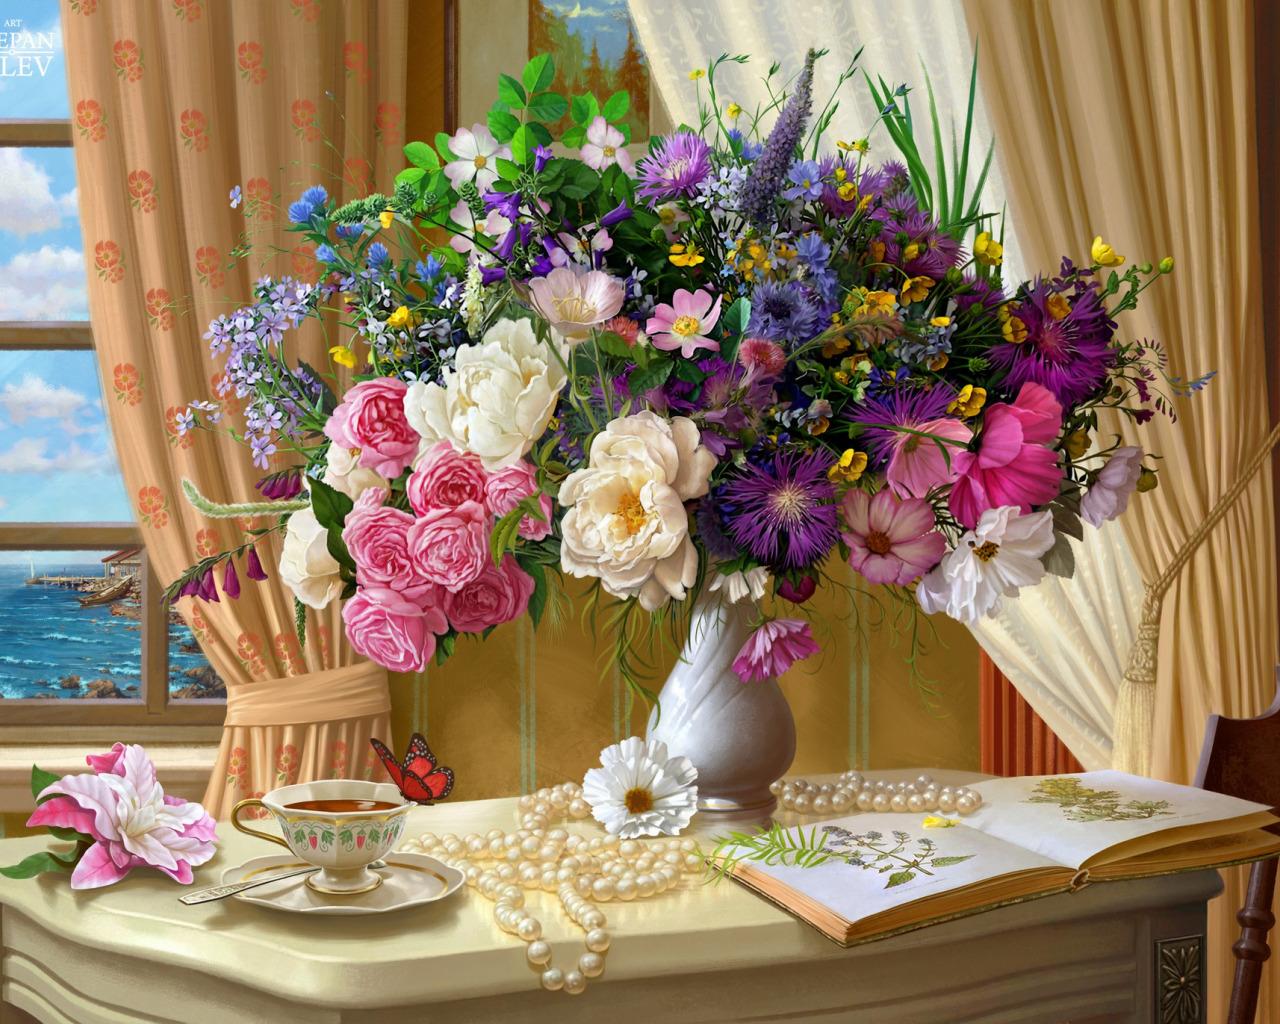 Открытка с цветами доброе утро хорошего дня, маме день рождение